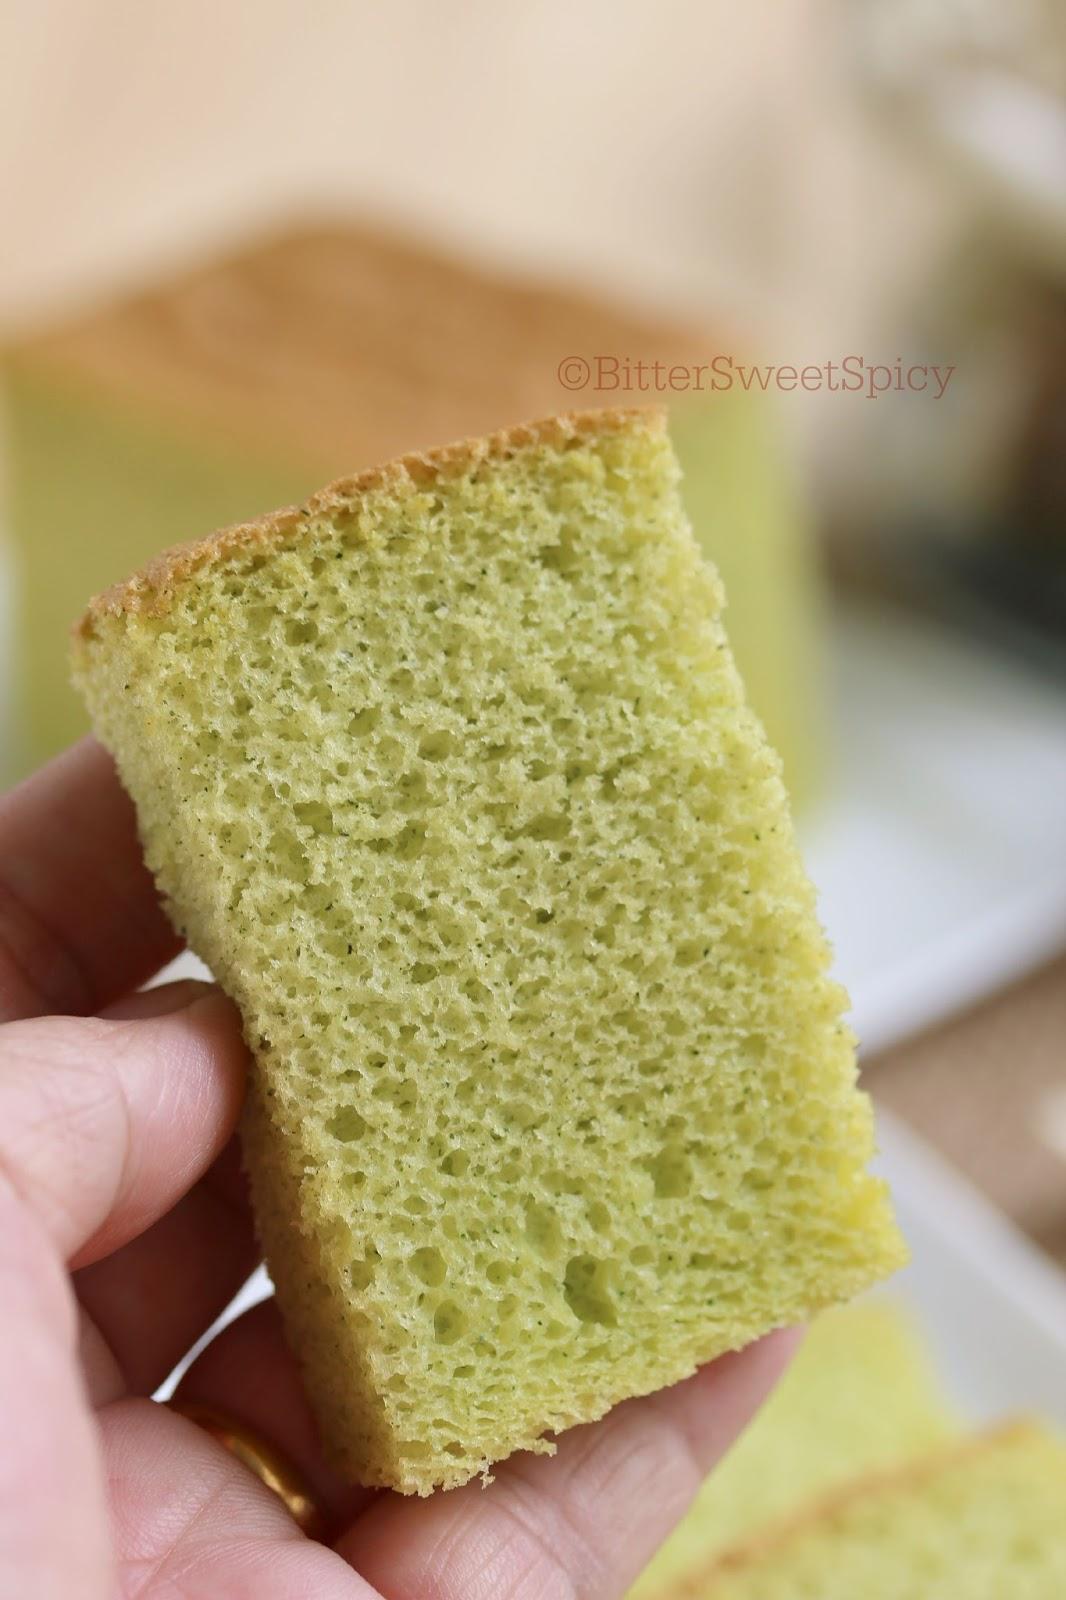 Bittersweetspicy Pandan Ogura Chiffon Cake